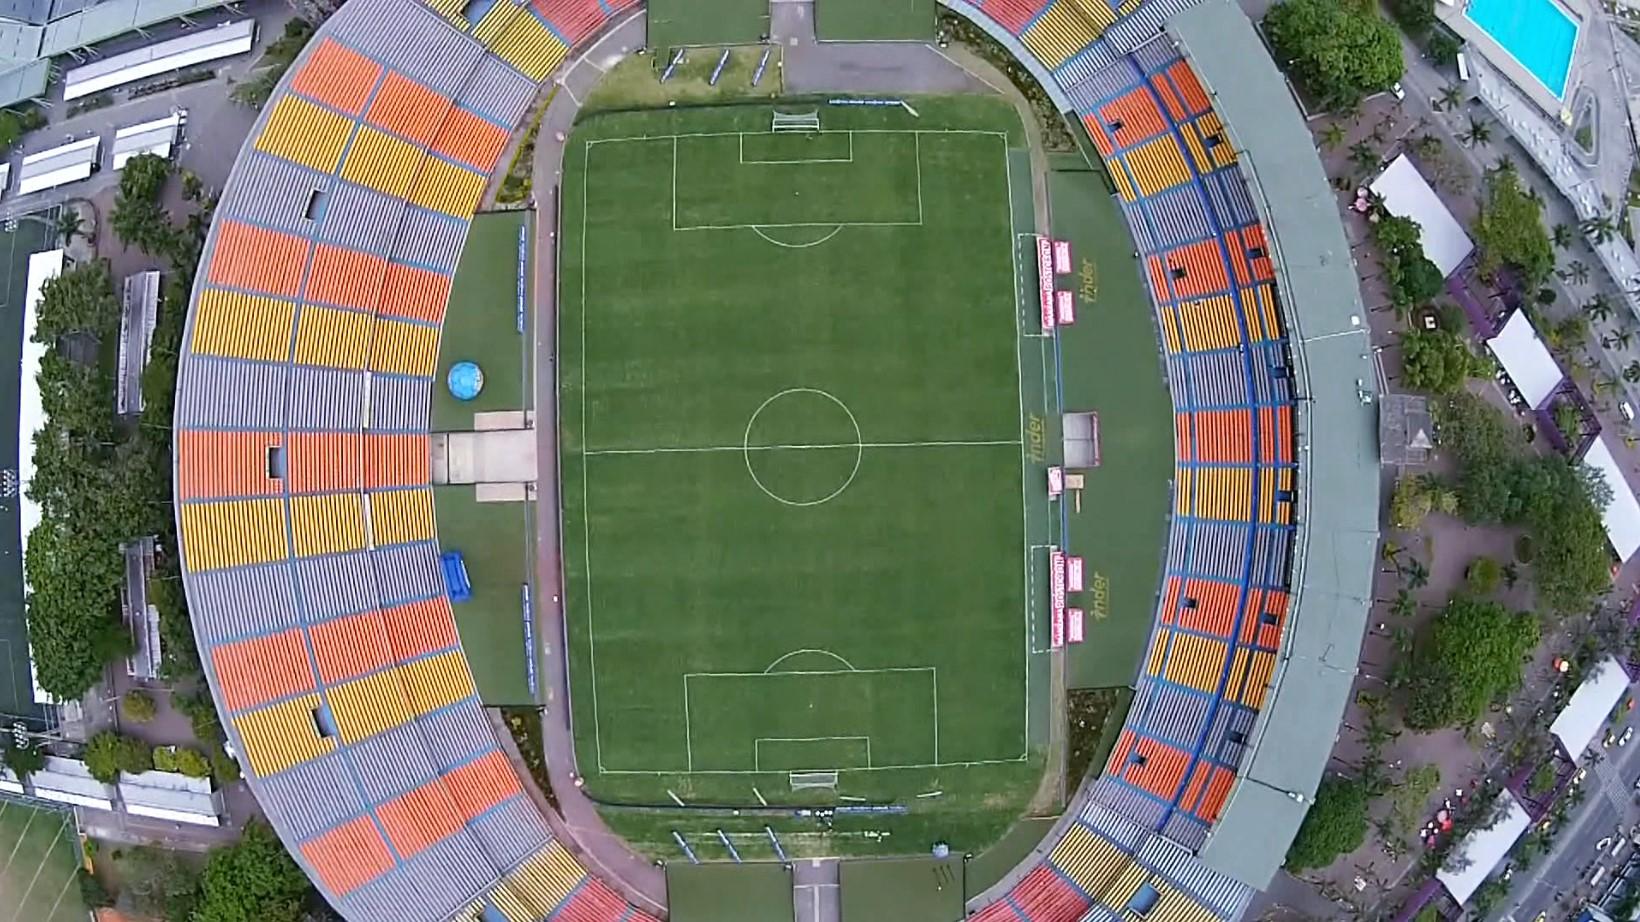 Atanasio Girardot podría ser la sede de la final de la Suramericana 2023